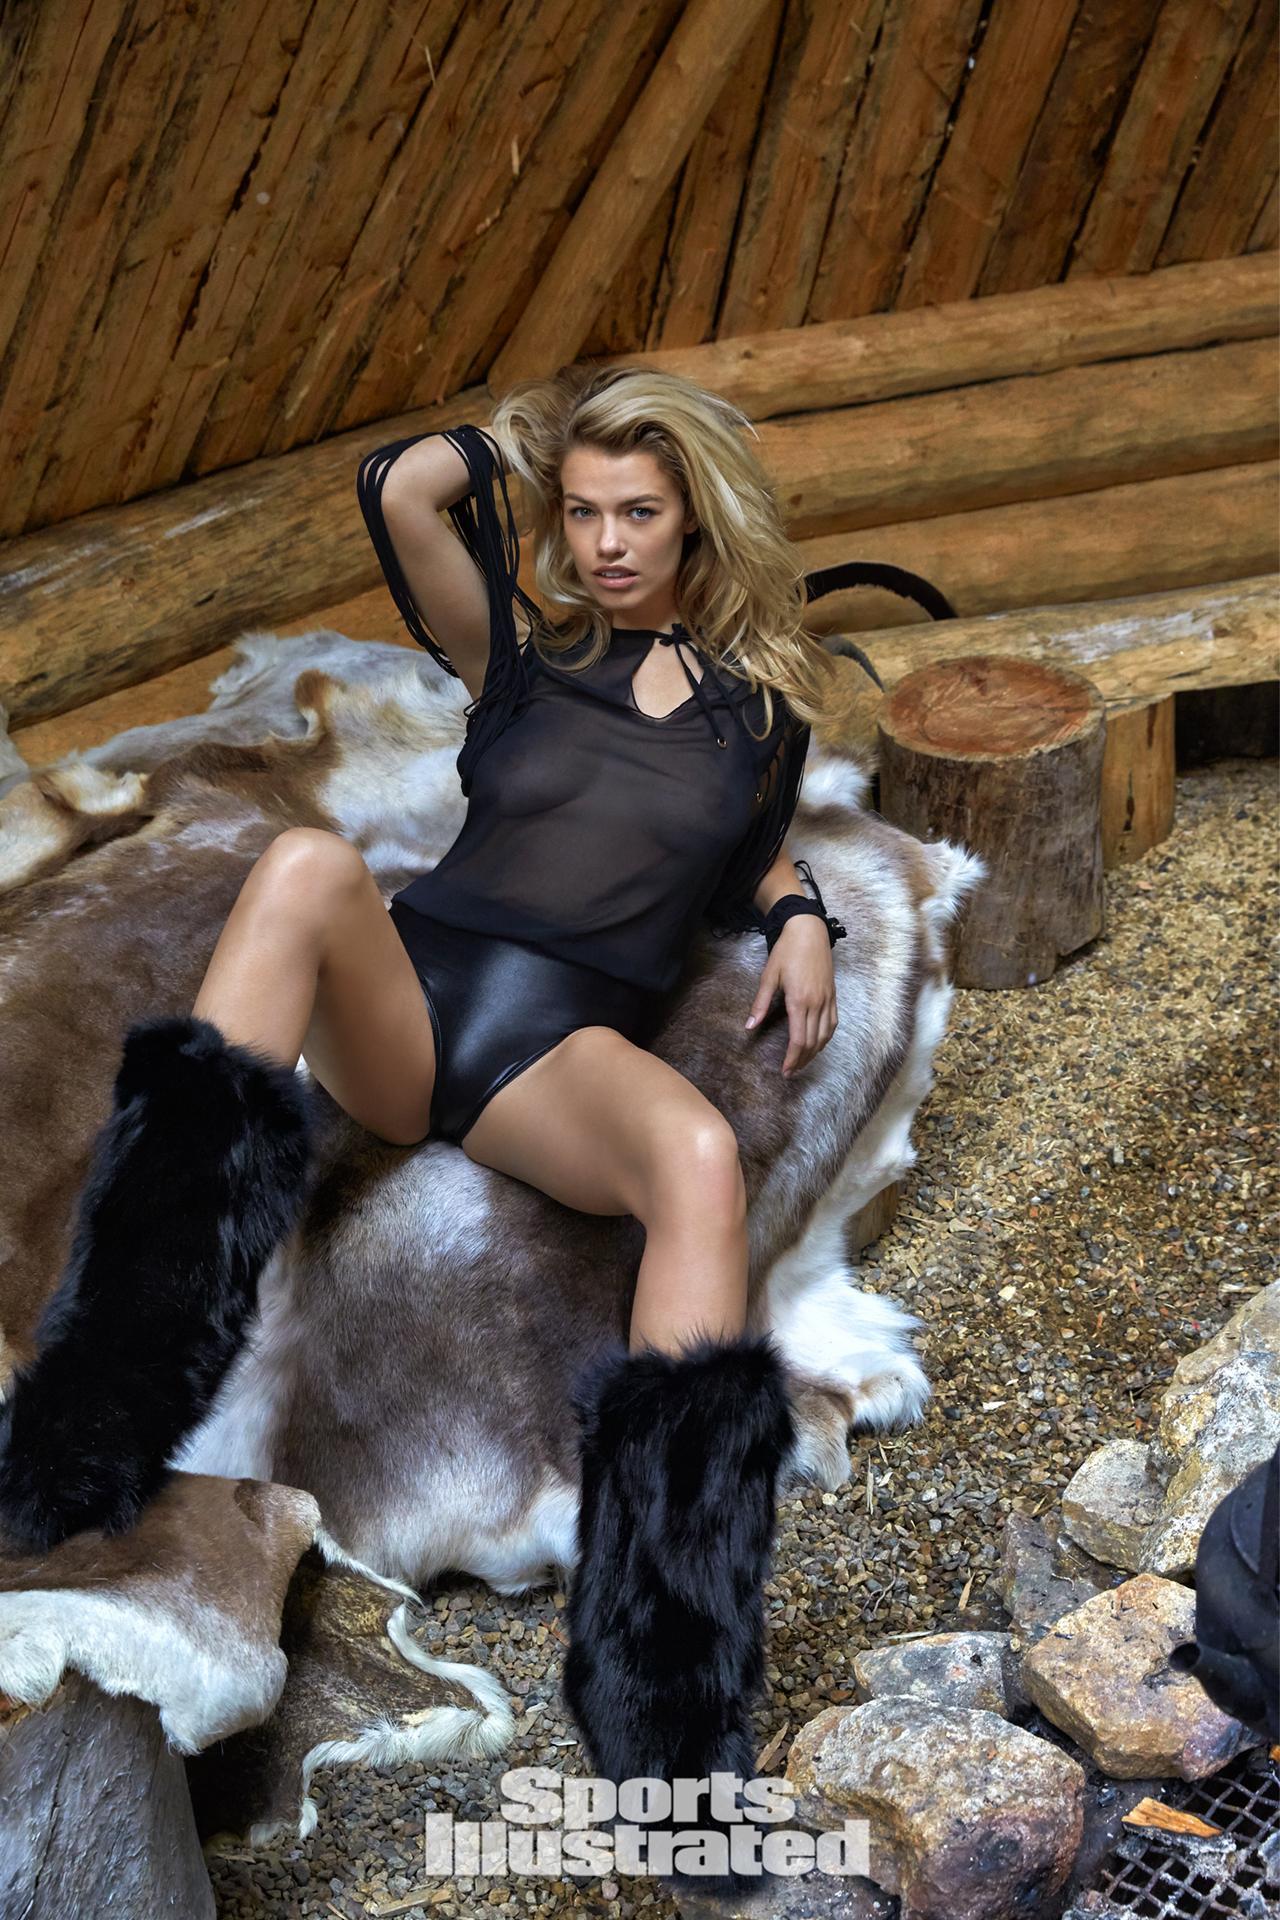 Hailey Clauson lấp ló vòng 1 trong bộ ảnh mới nhất - Bóng Đá